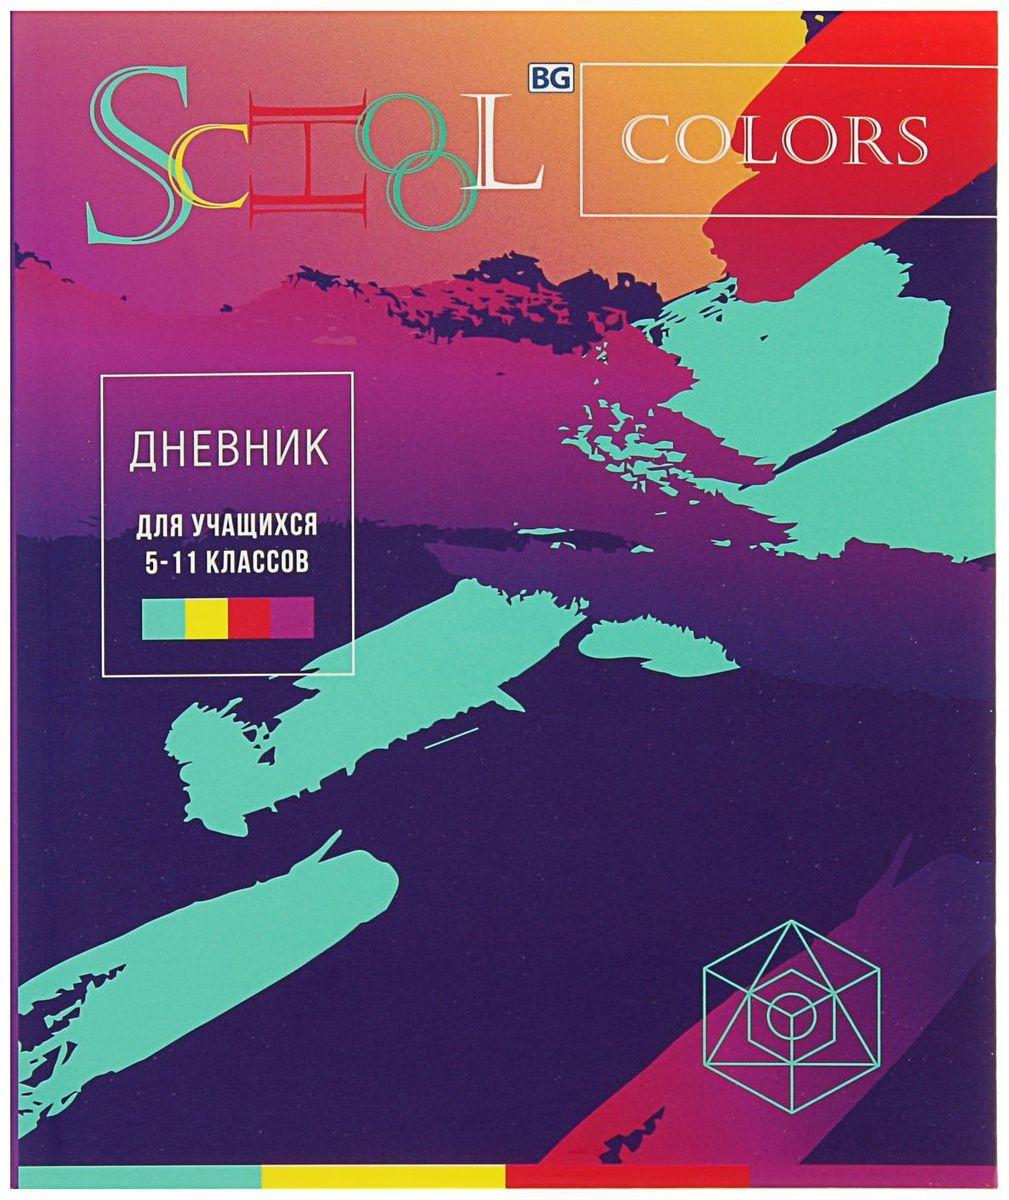 BG Дневник школьный School Colors для 5-11 классов2080422